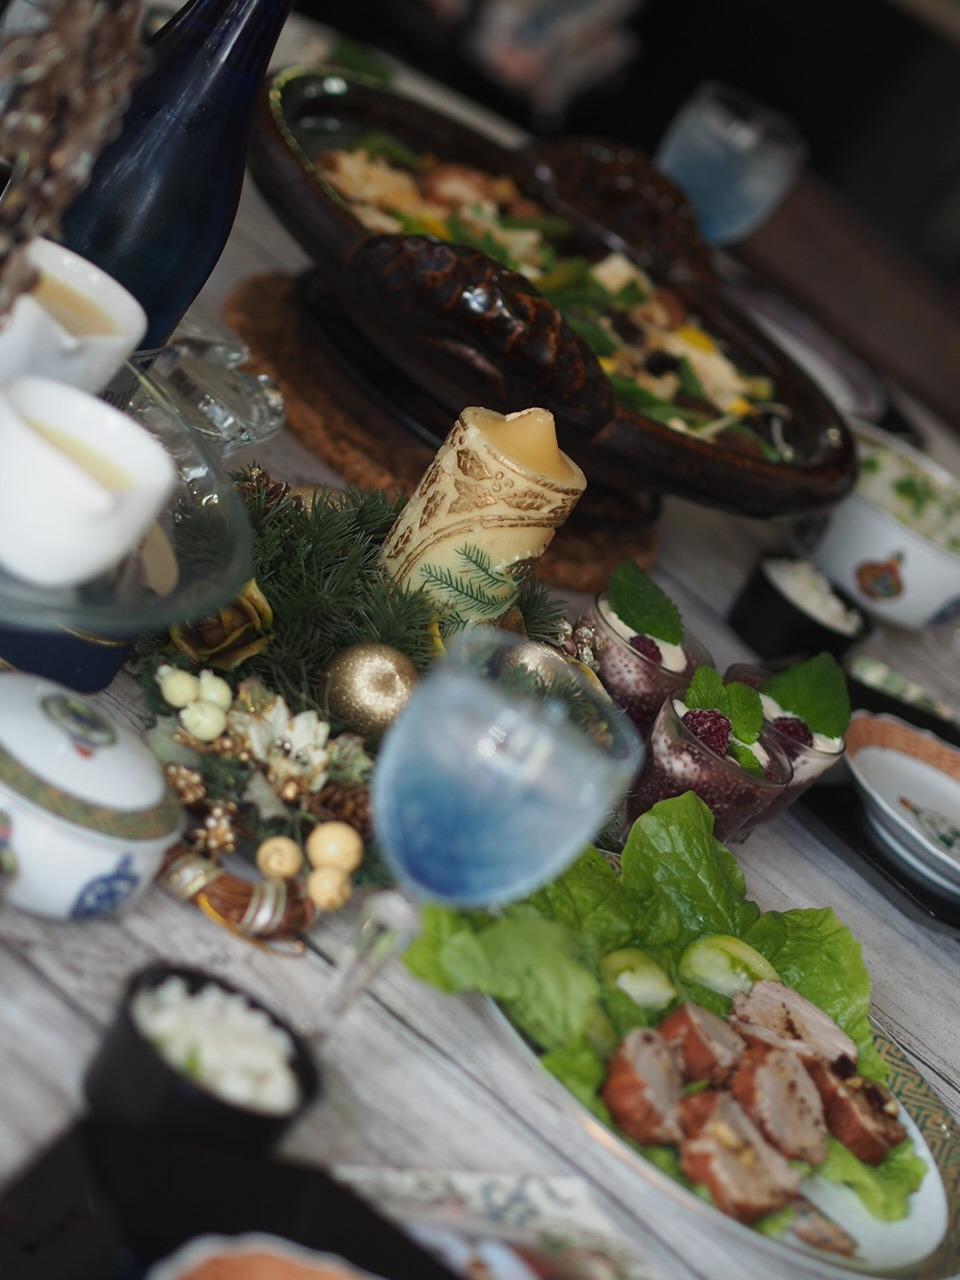 チャイナテーブルdeおもてなし@荻窪お料理教室_d0144095_23245410.jpg